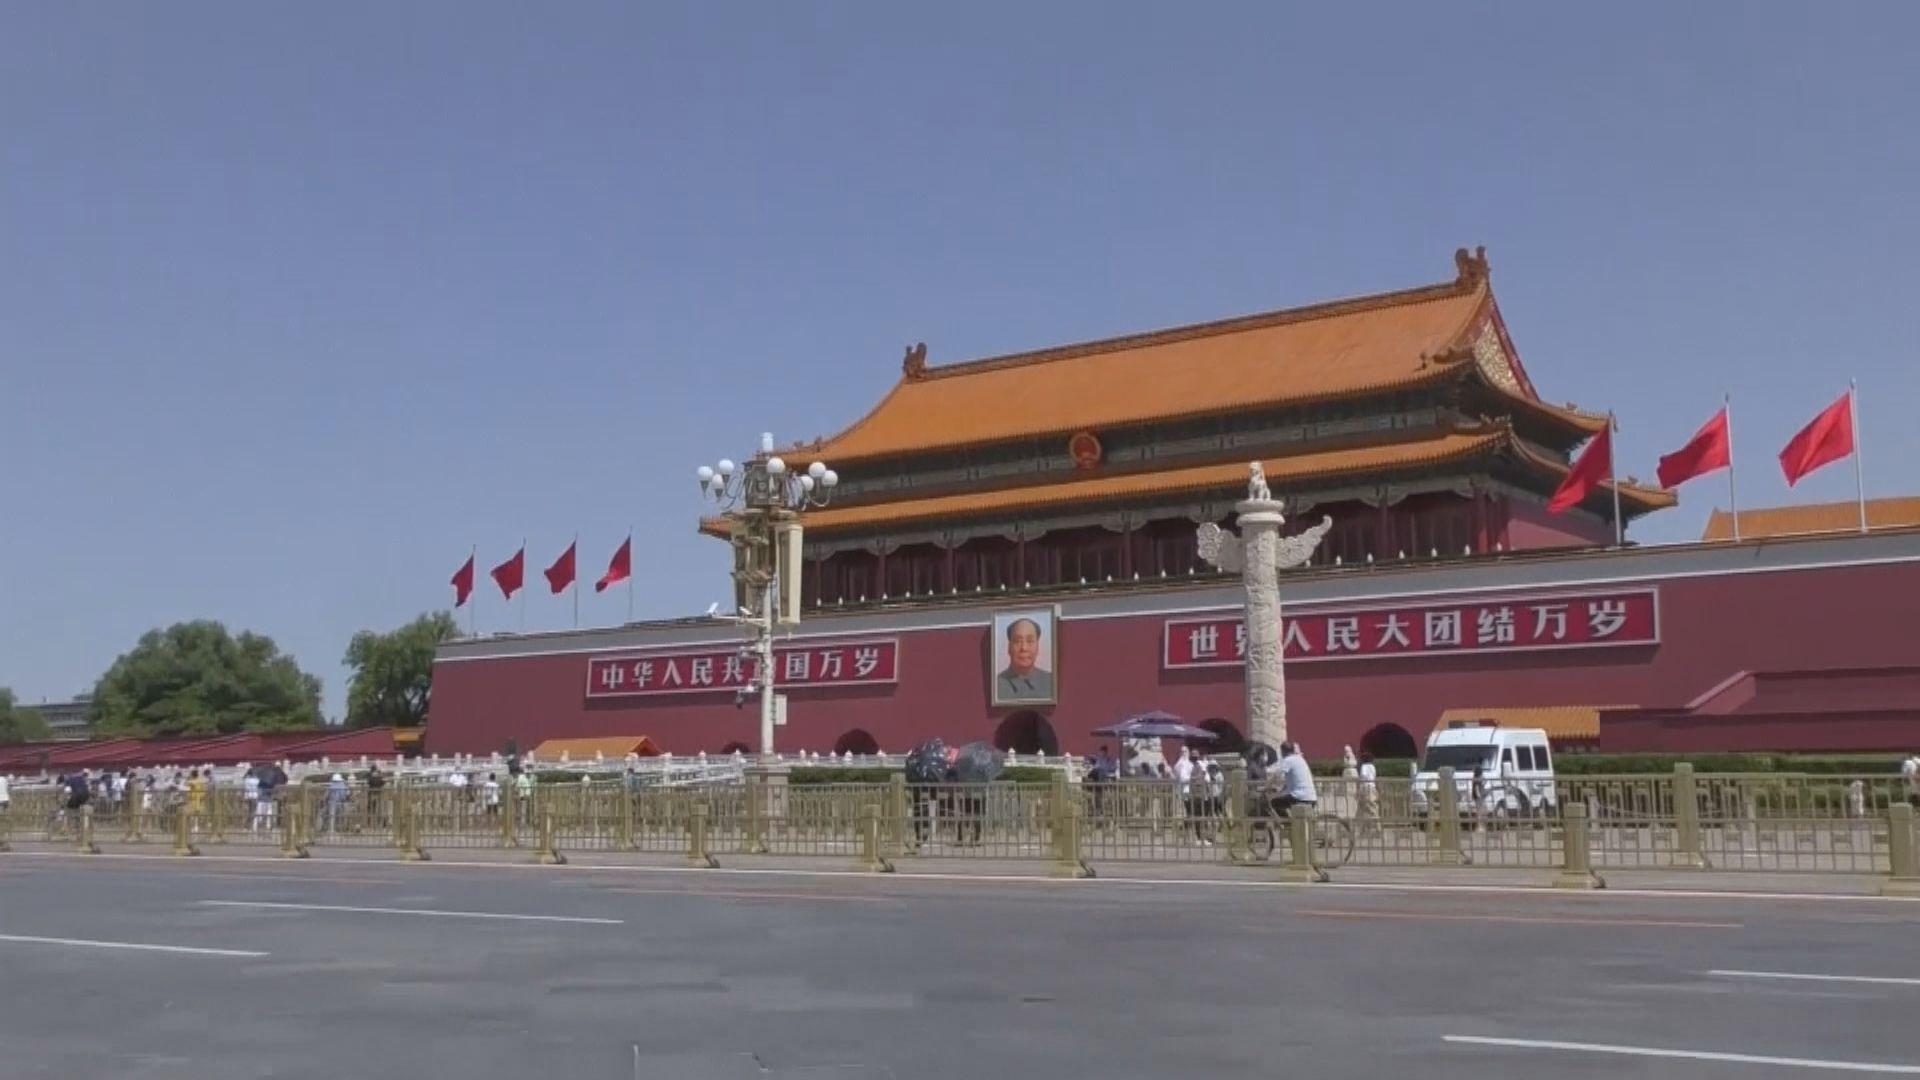 北京不滿日揆稱台灣為「國家」 提嚴正交涉